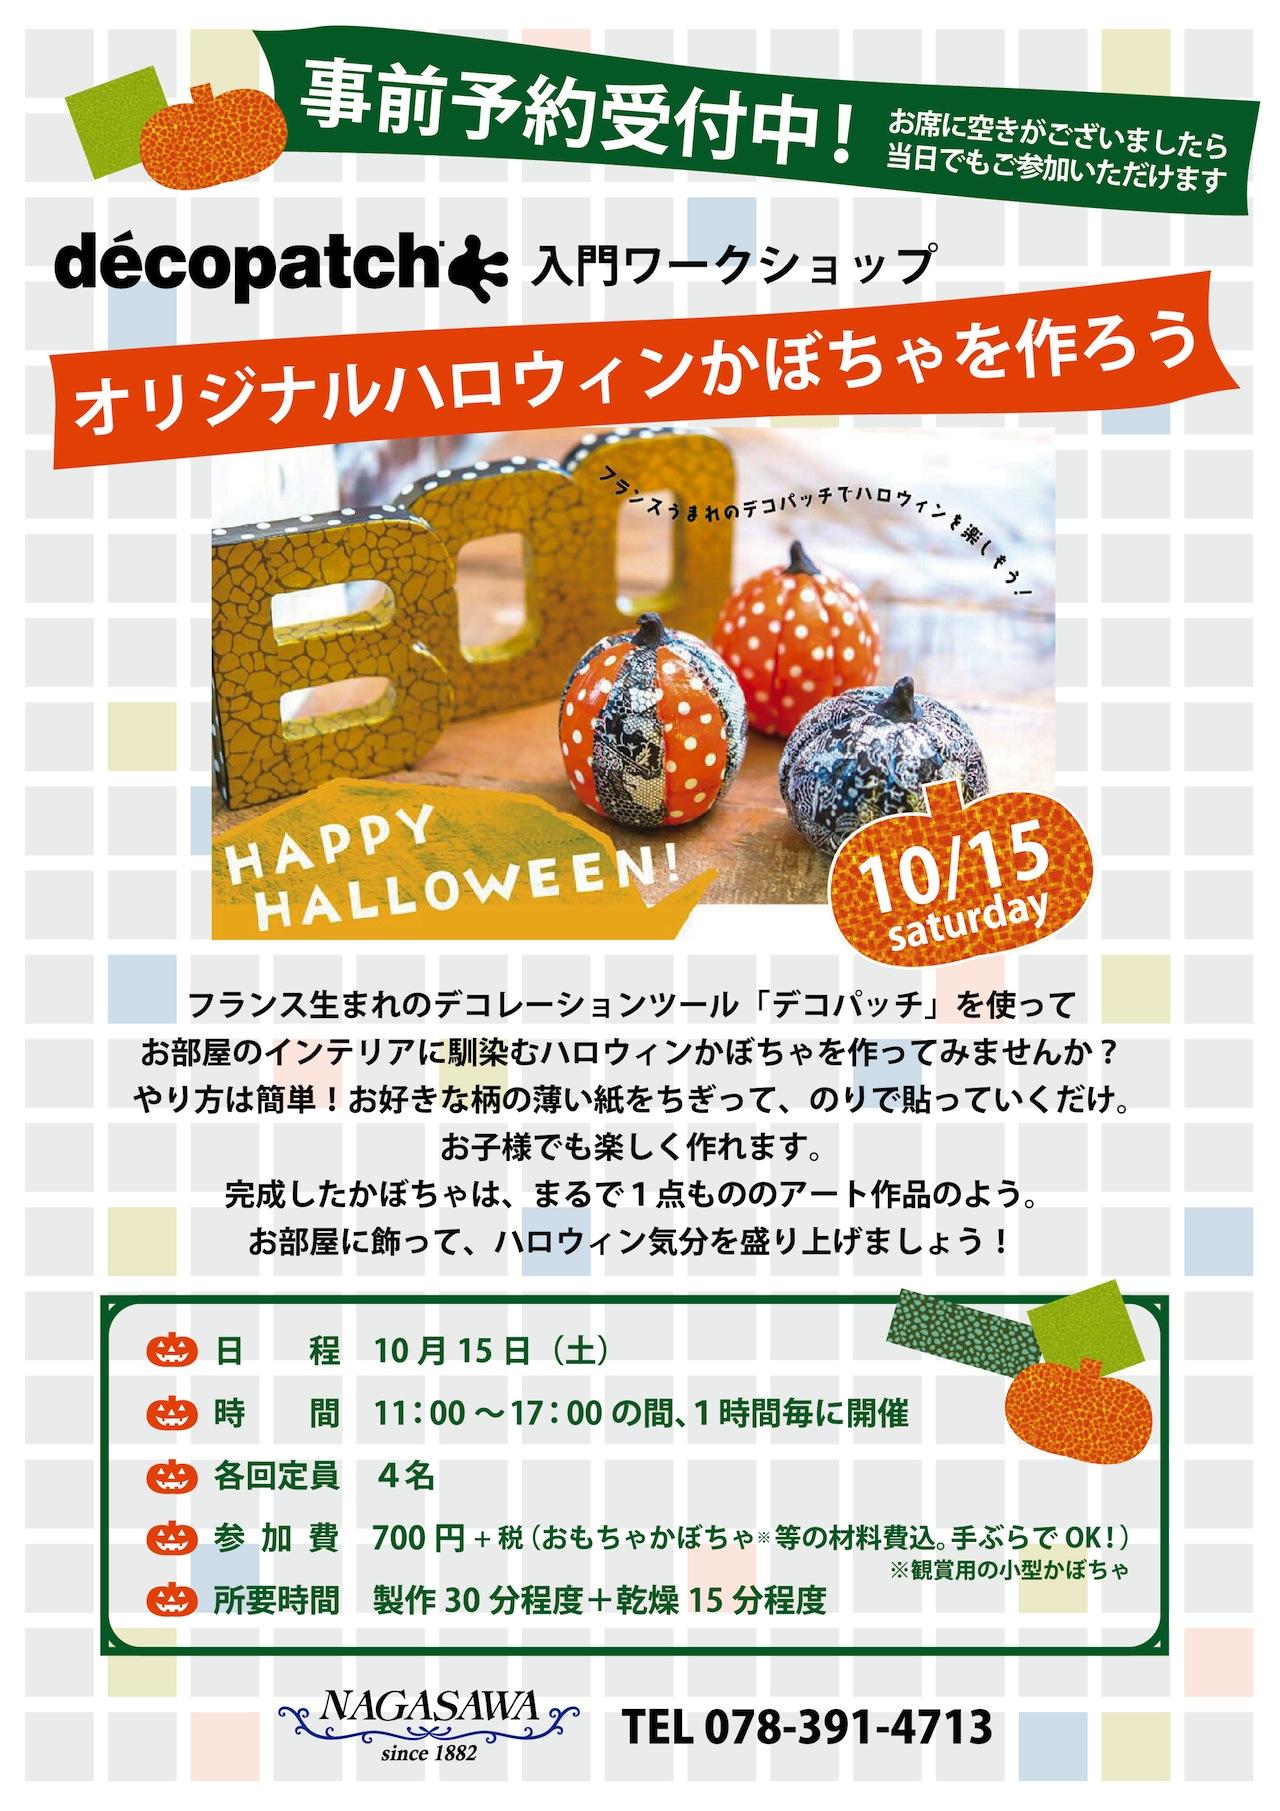 オリジナルハロウィンかぼちゃを作ろう@NAGASAWAさんちか店